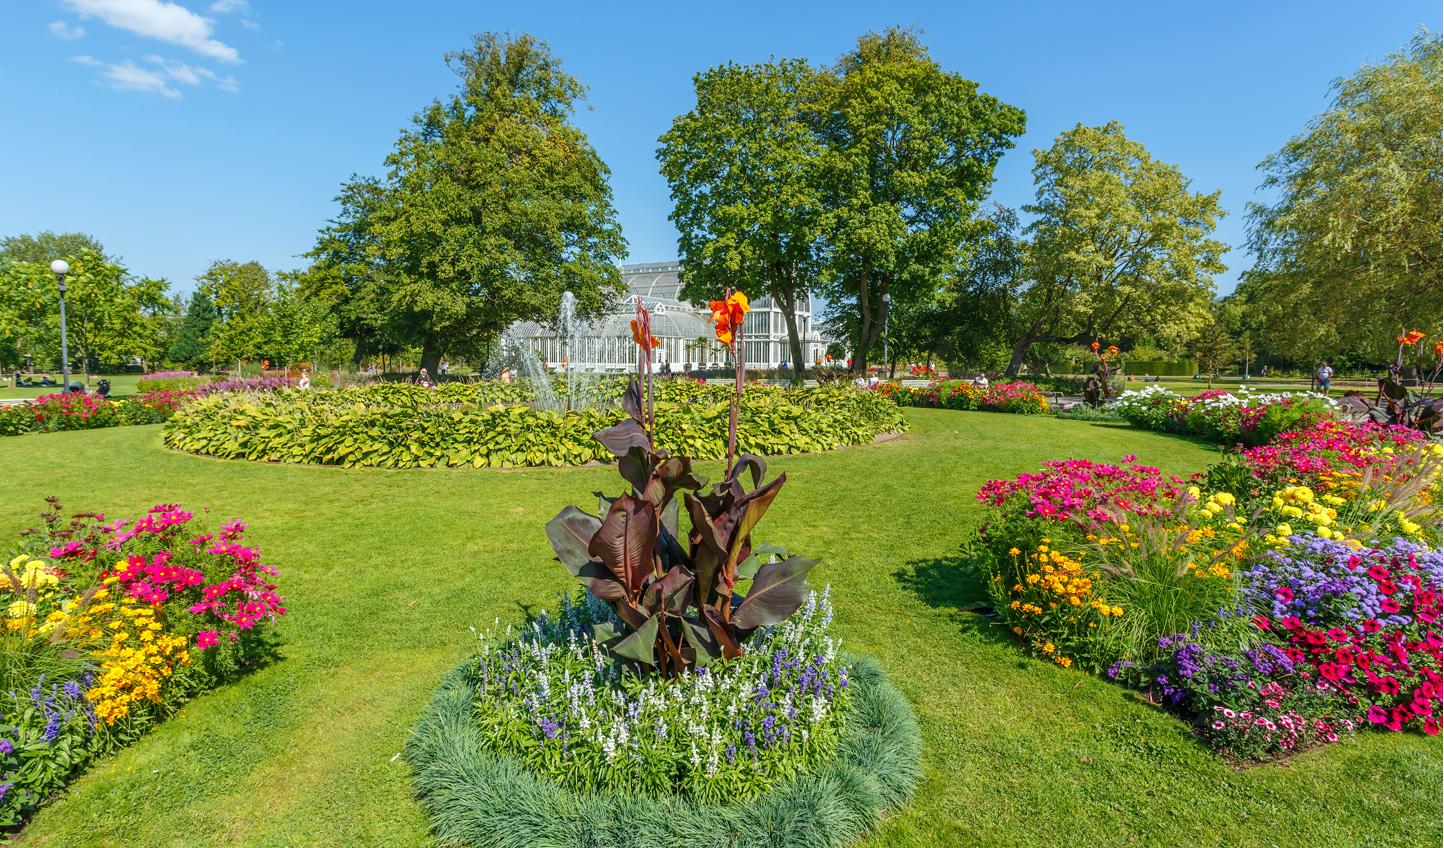 Wander around the Garden Society of Gothenburg